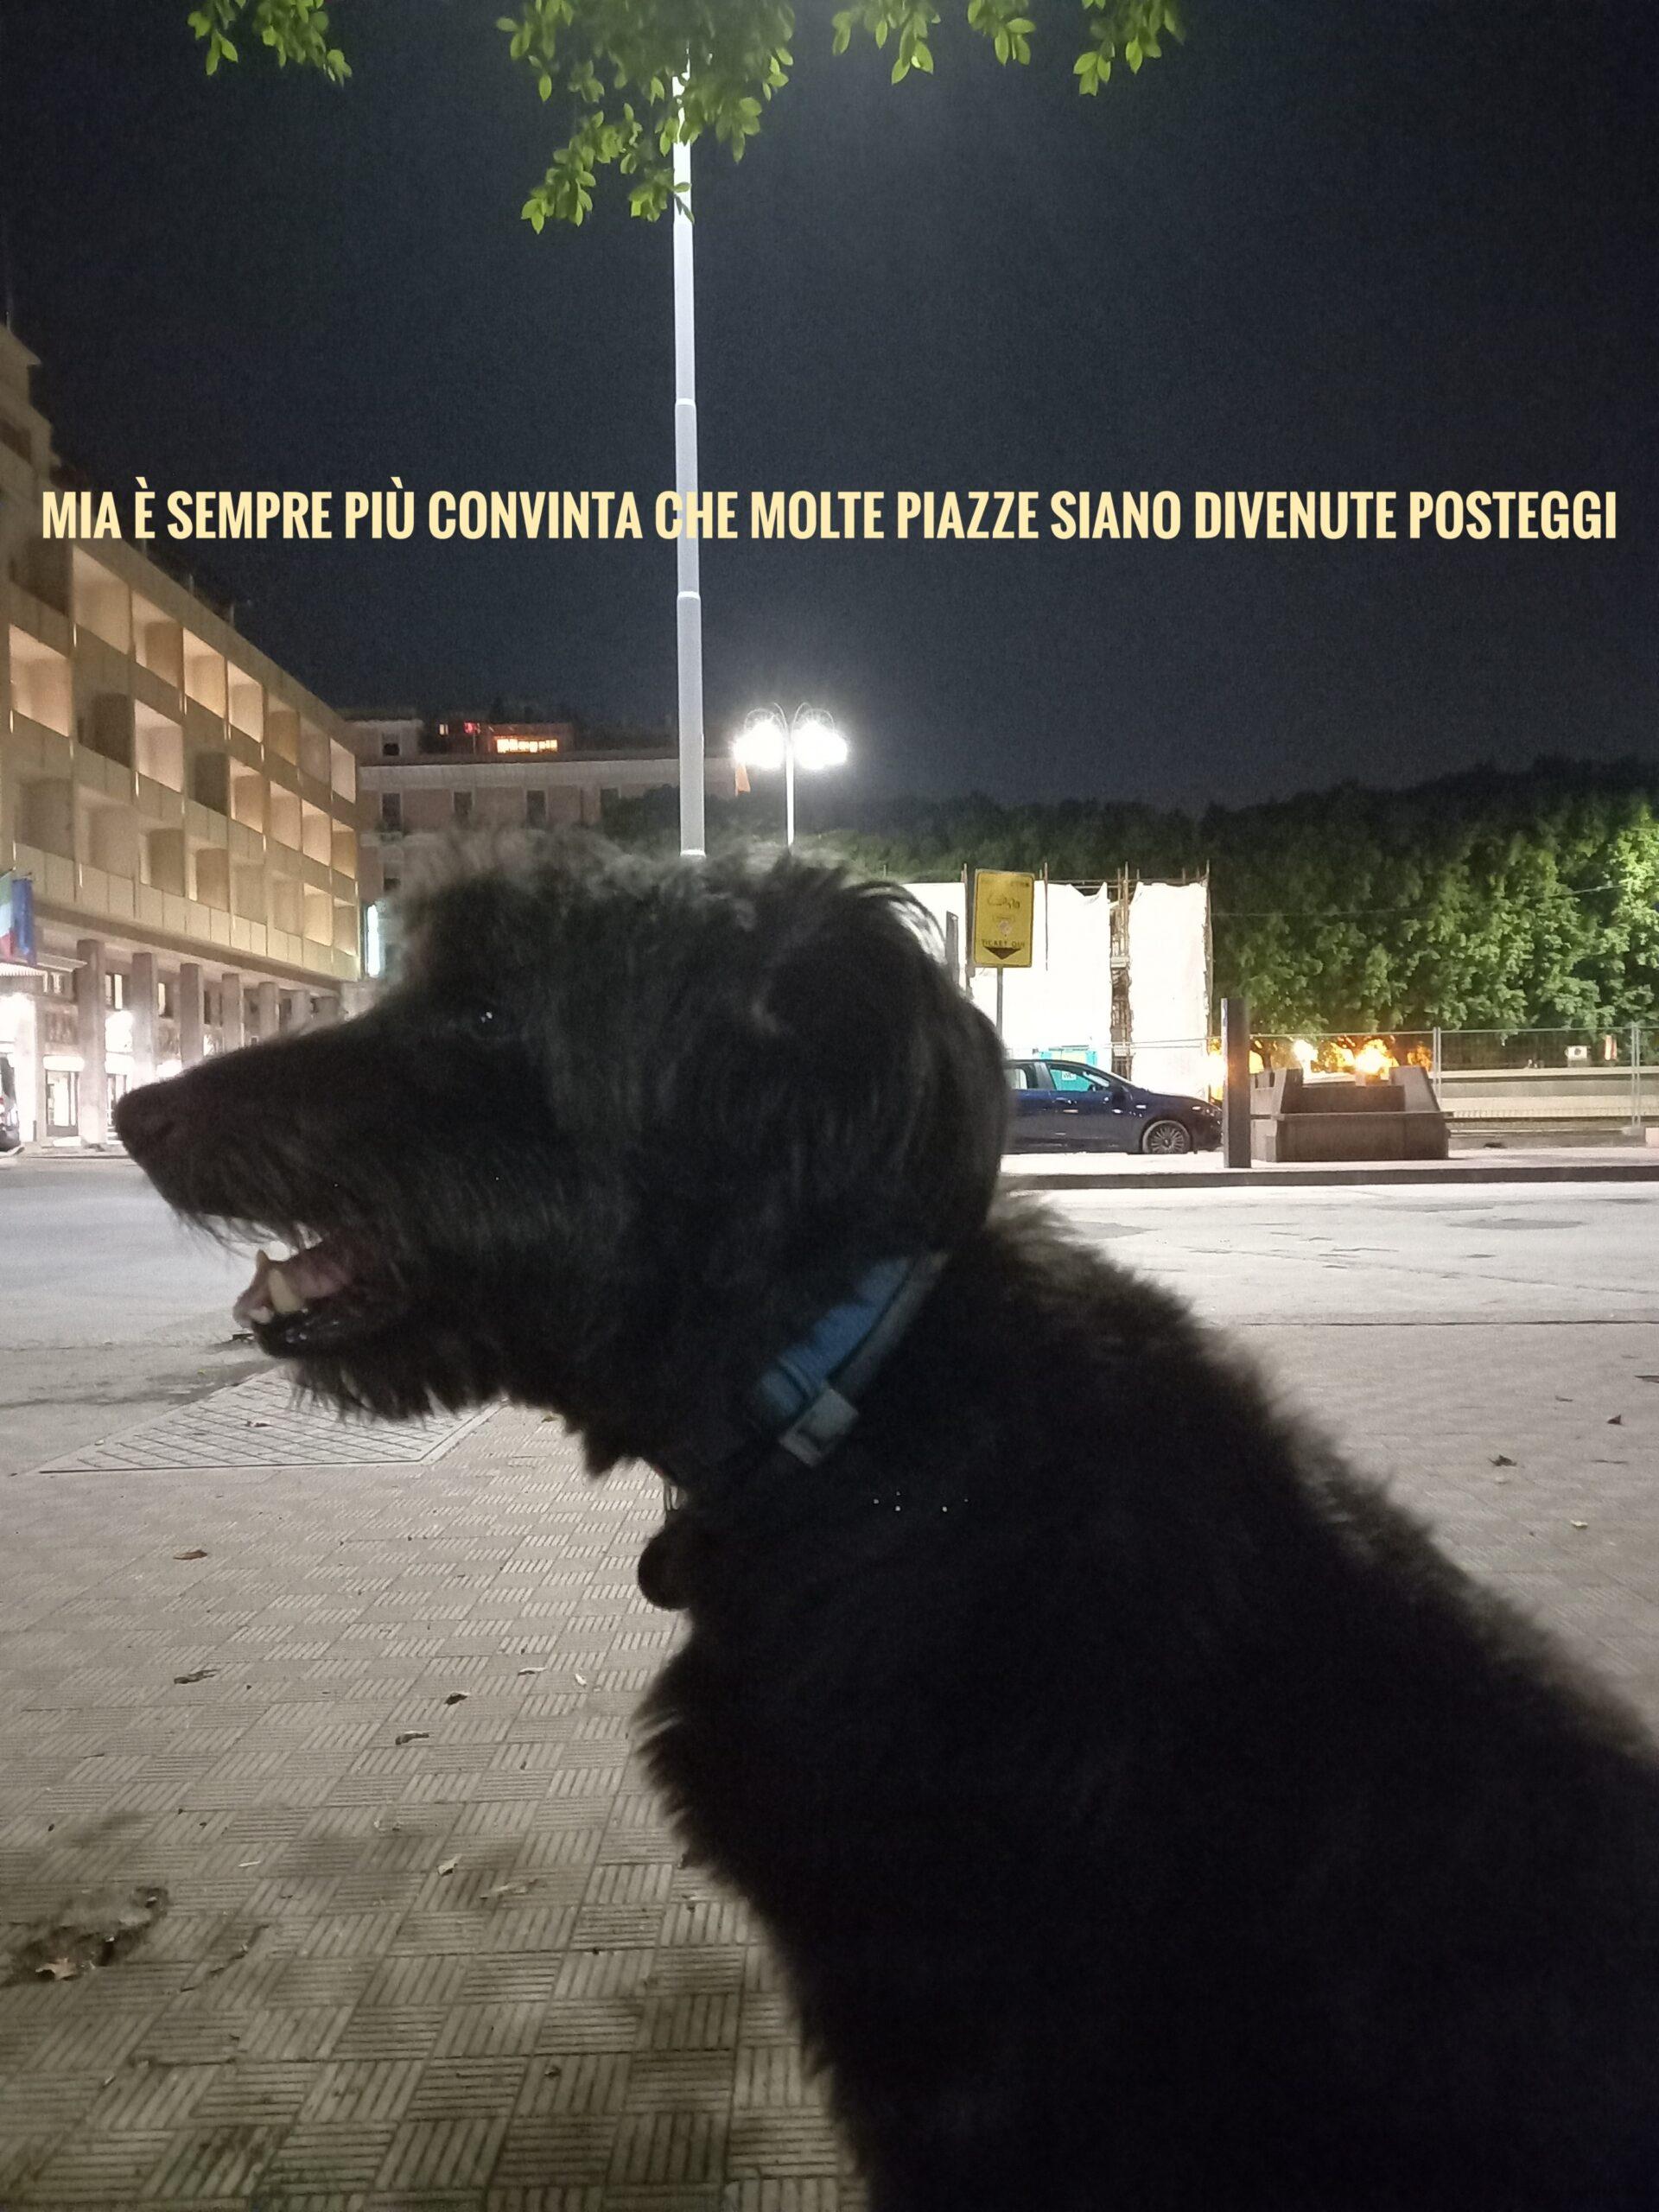 Catania, Piazza Giovanni Verga @ Fili d'Oro Rispetto Pianeta, Riappropriazione Spazio Respira - Metropoli del Melograno